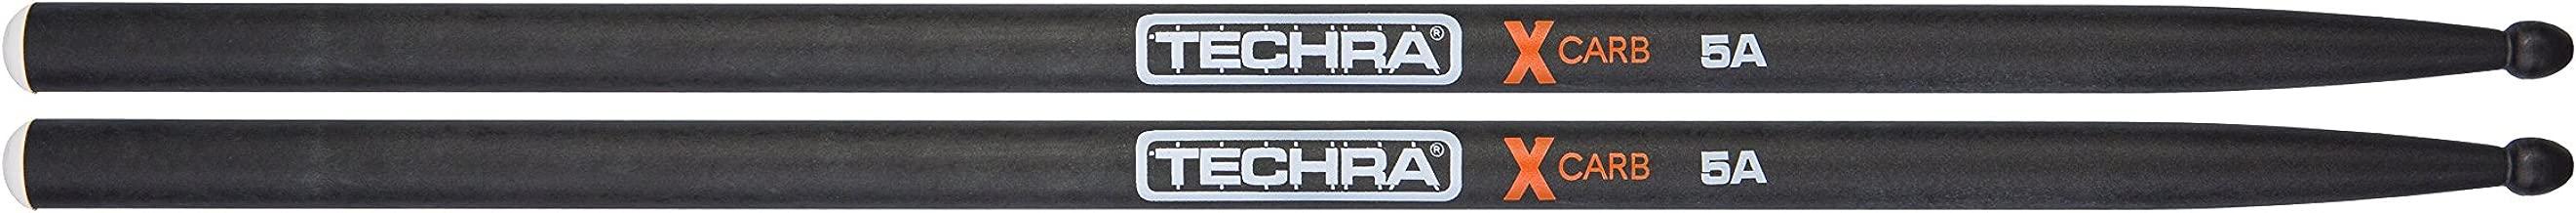 TECHRA X CARB 5A ドラムスティック